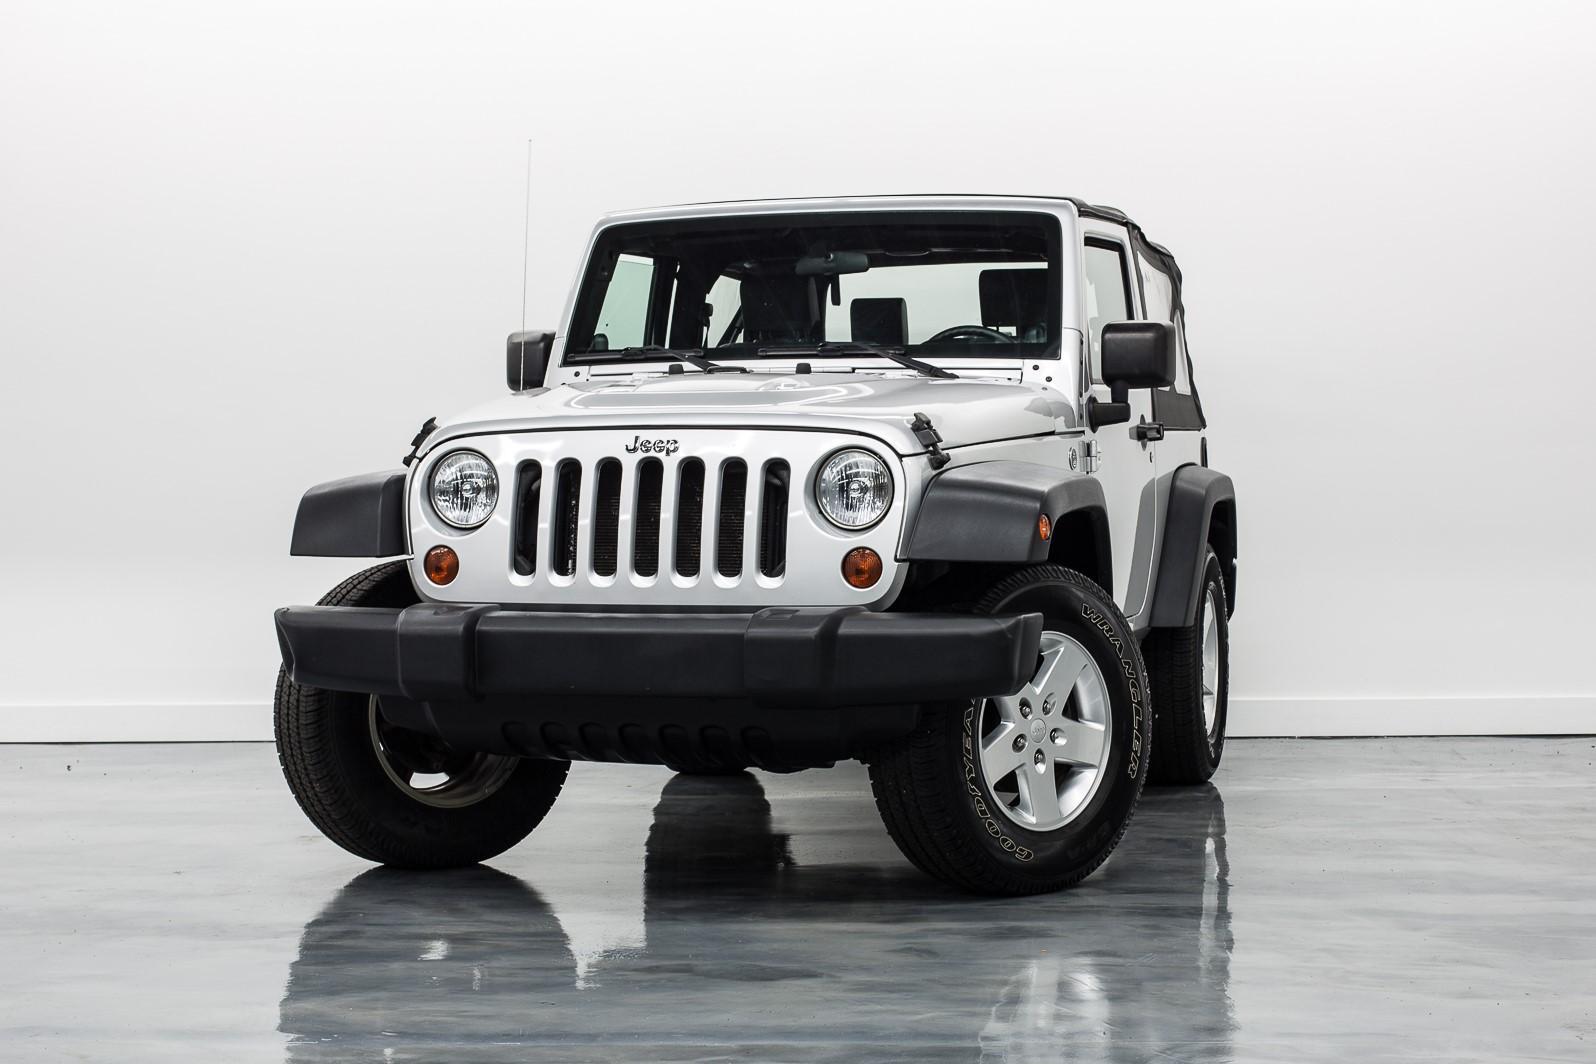 2008 Jeep Wrangler full